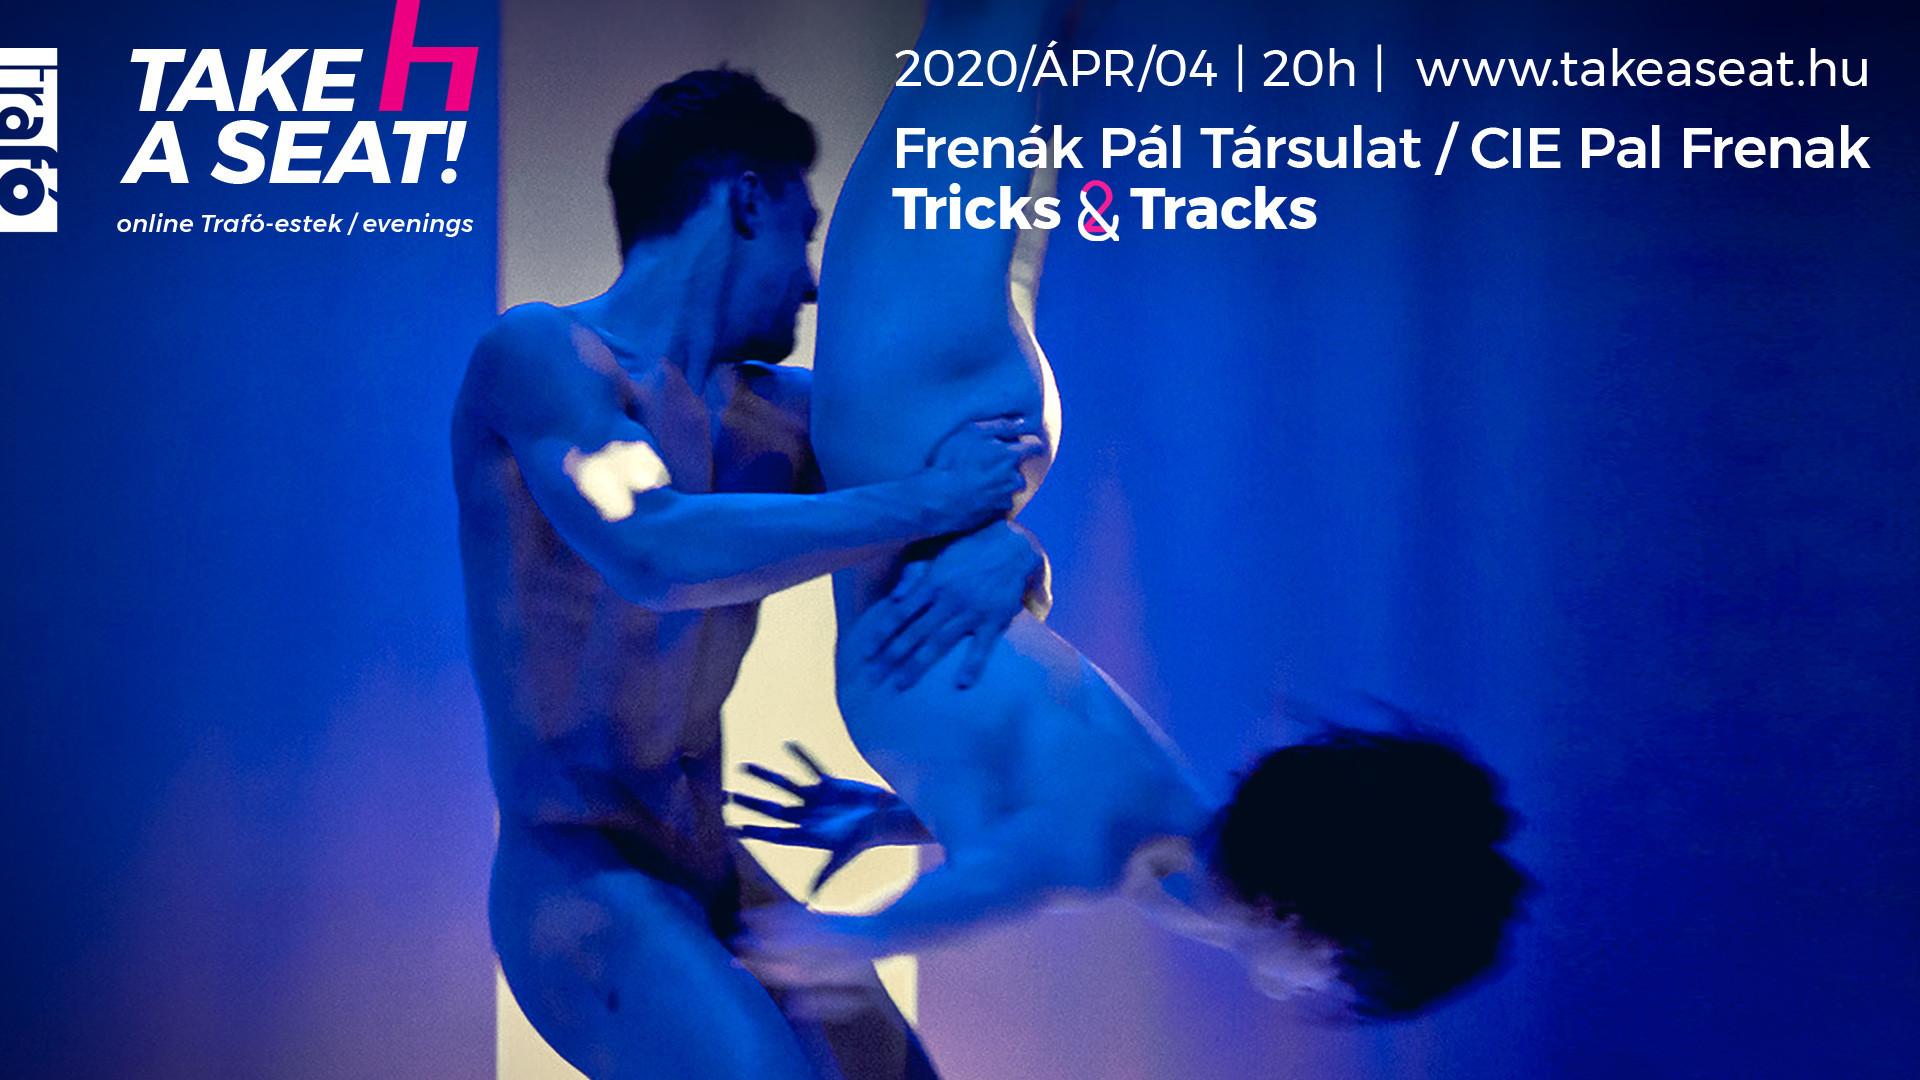 Tricks & Tracks